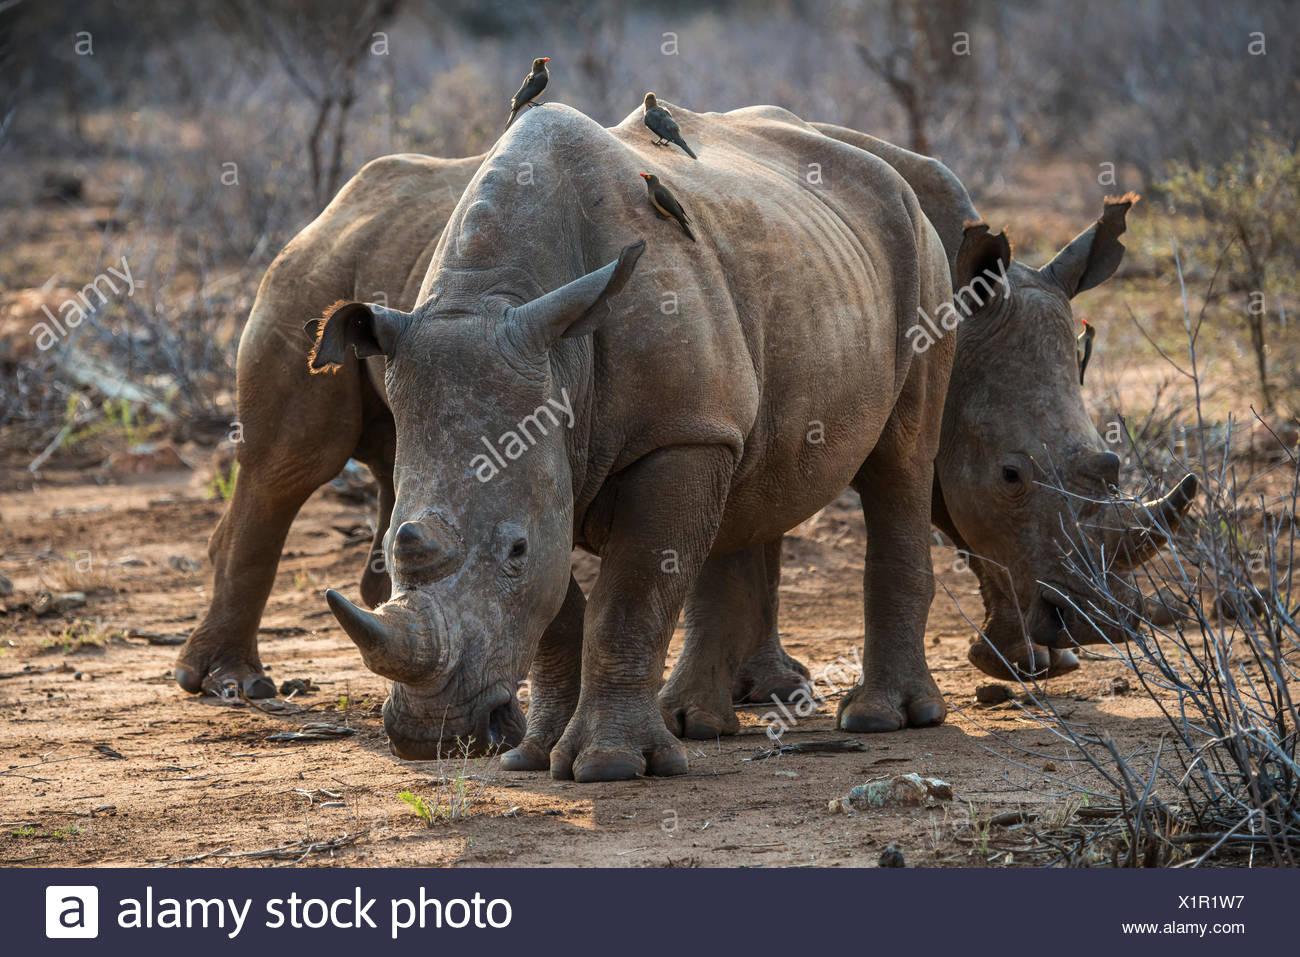 Le rhinocéros blanc (Ceratotherium simum) avec les pirates à bec rouge (Buphagus erythrorhynchus) à l'arrière, Madikwe Game Reserve Photo Stock